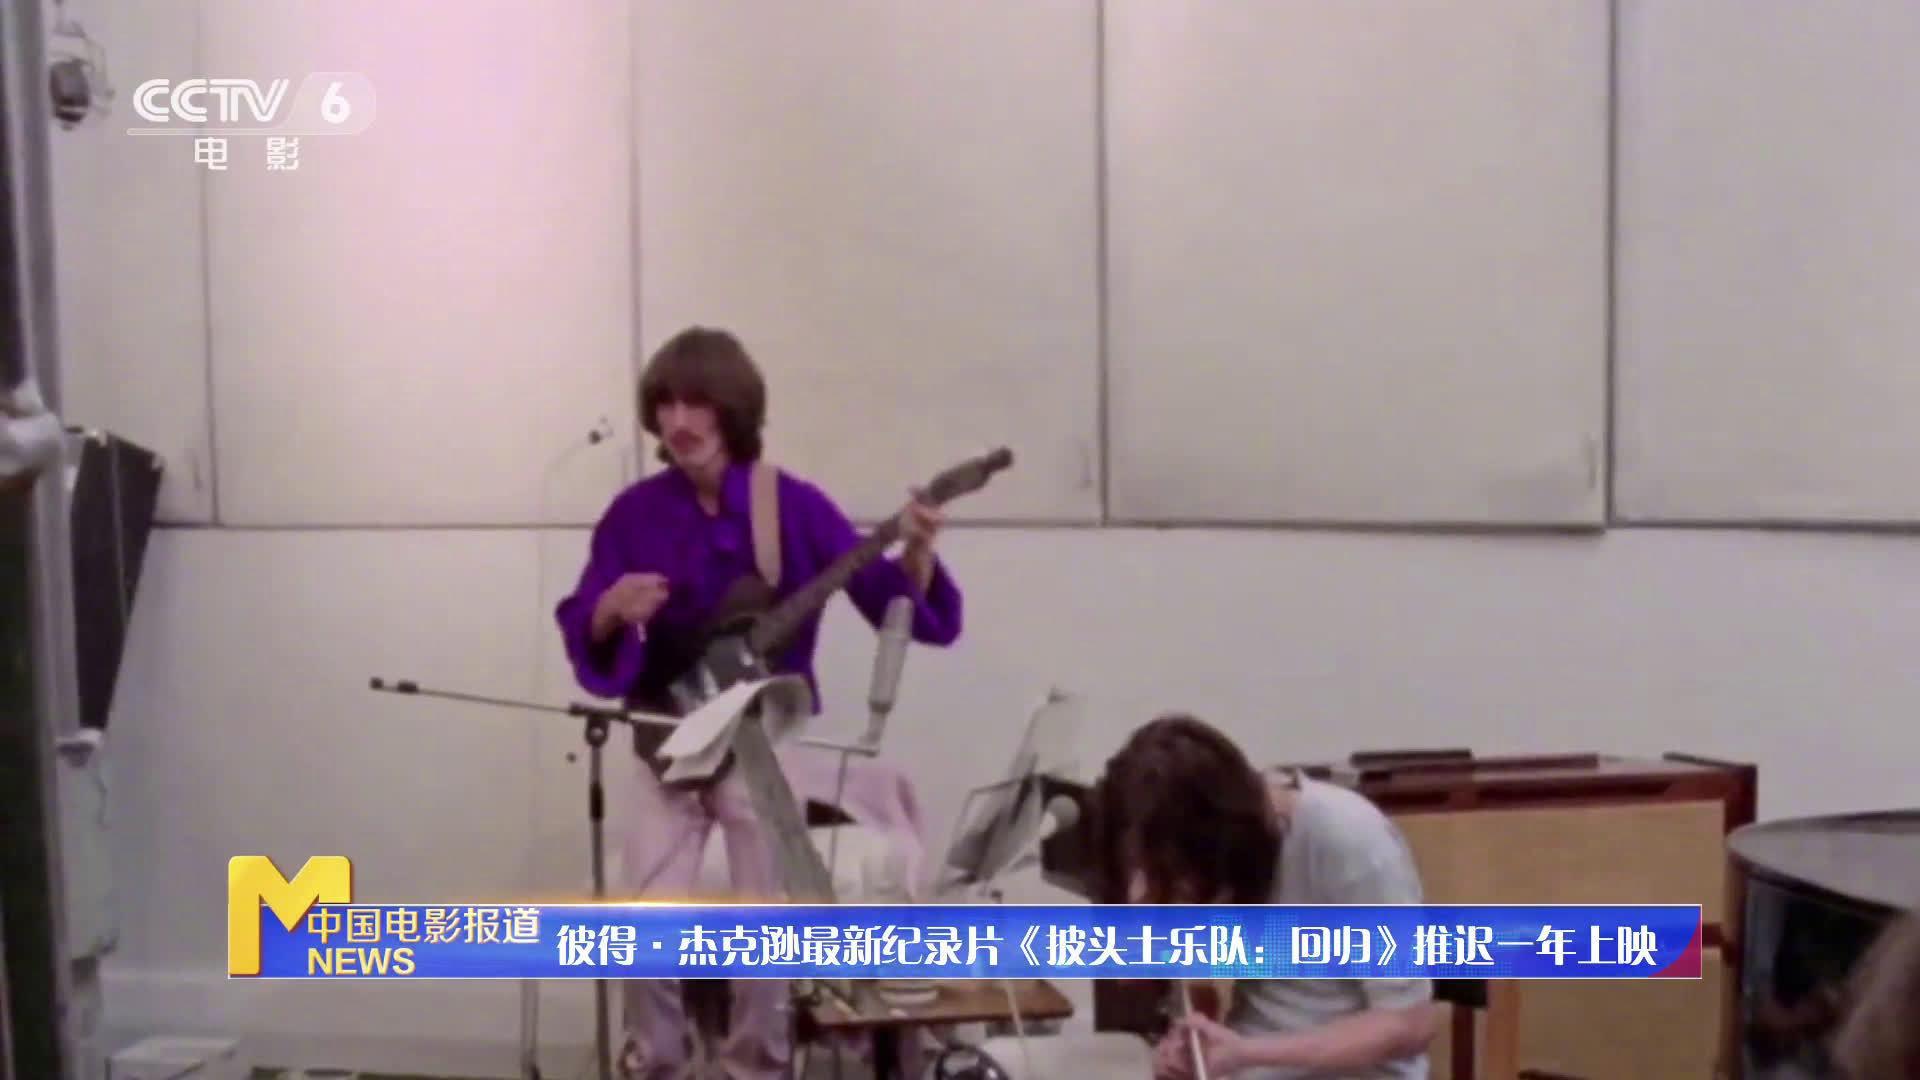 彼得·杰克逊最新纪录片《披头士乐队:回归》推迟一年上映